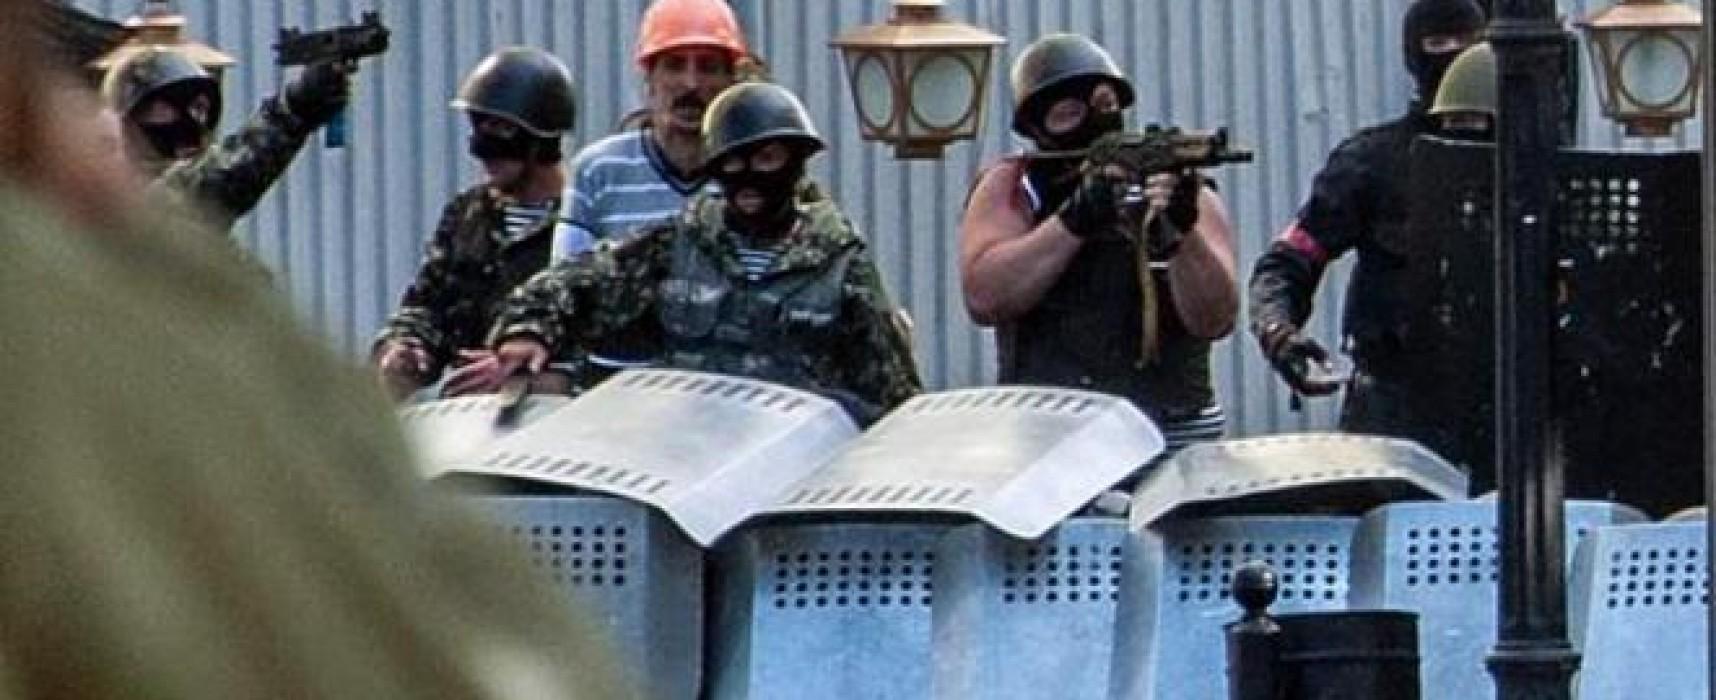 LE BLOG DE MICHEL CH: Mensonges, manipulations et amalgames du filme de Moreira (Canal+) sur l'Ukraine exposés et démentis